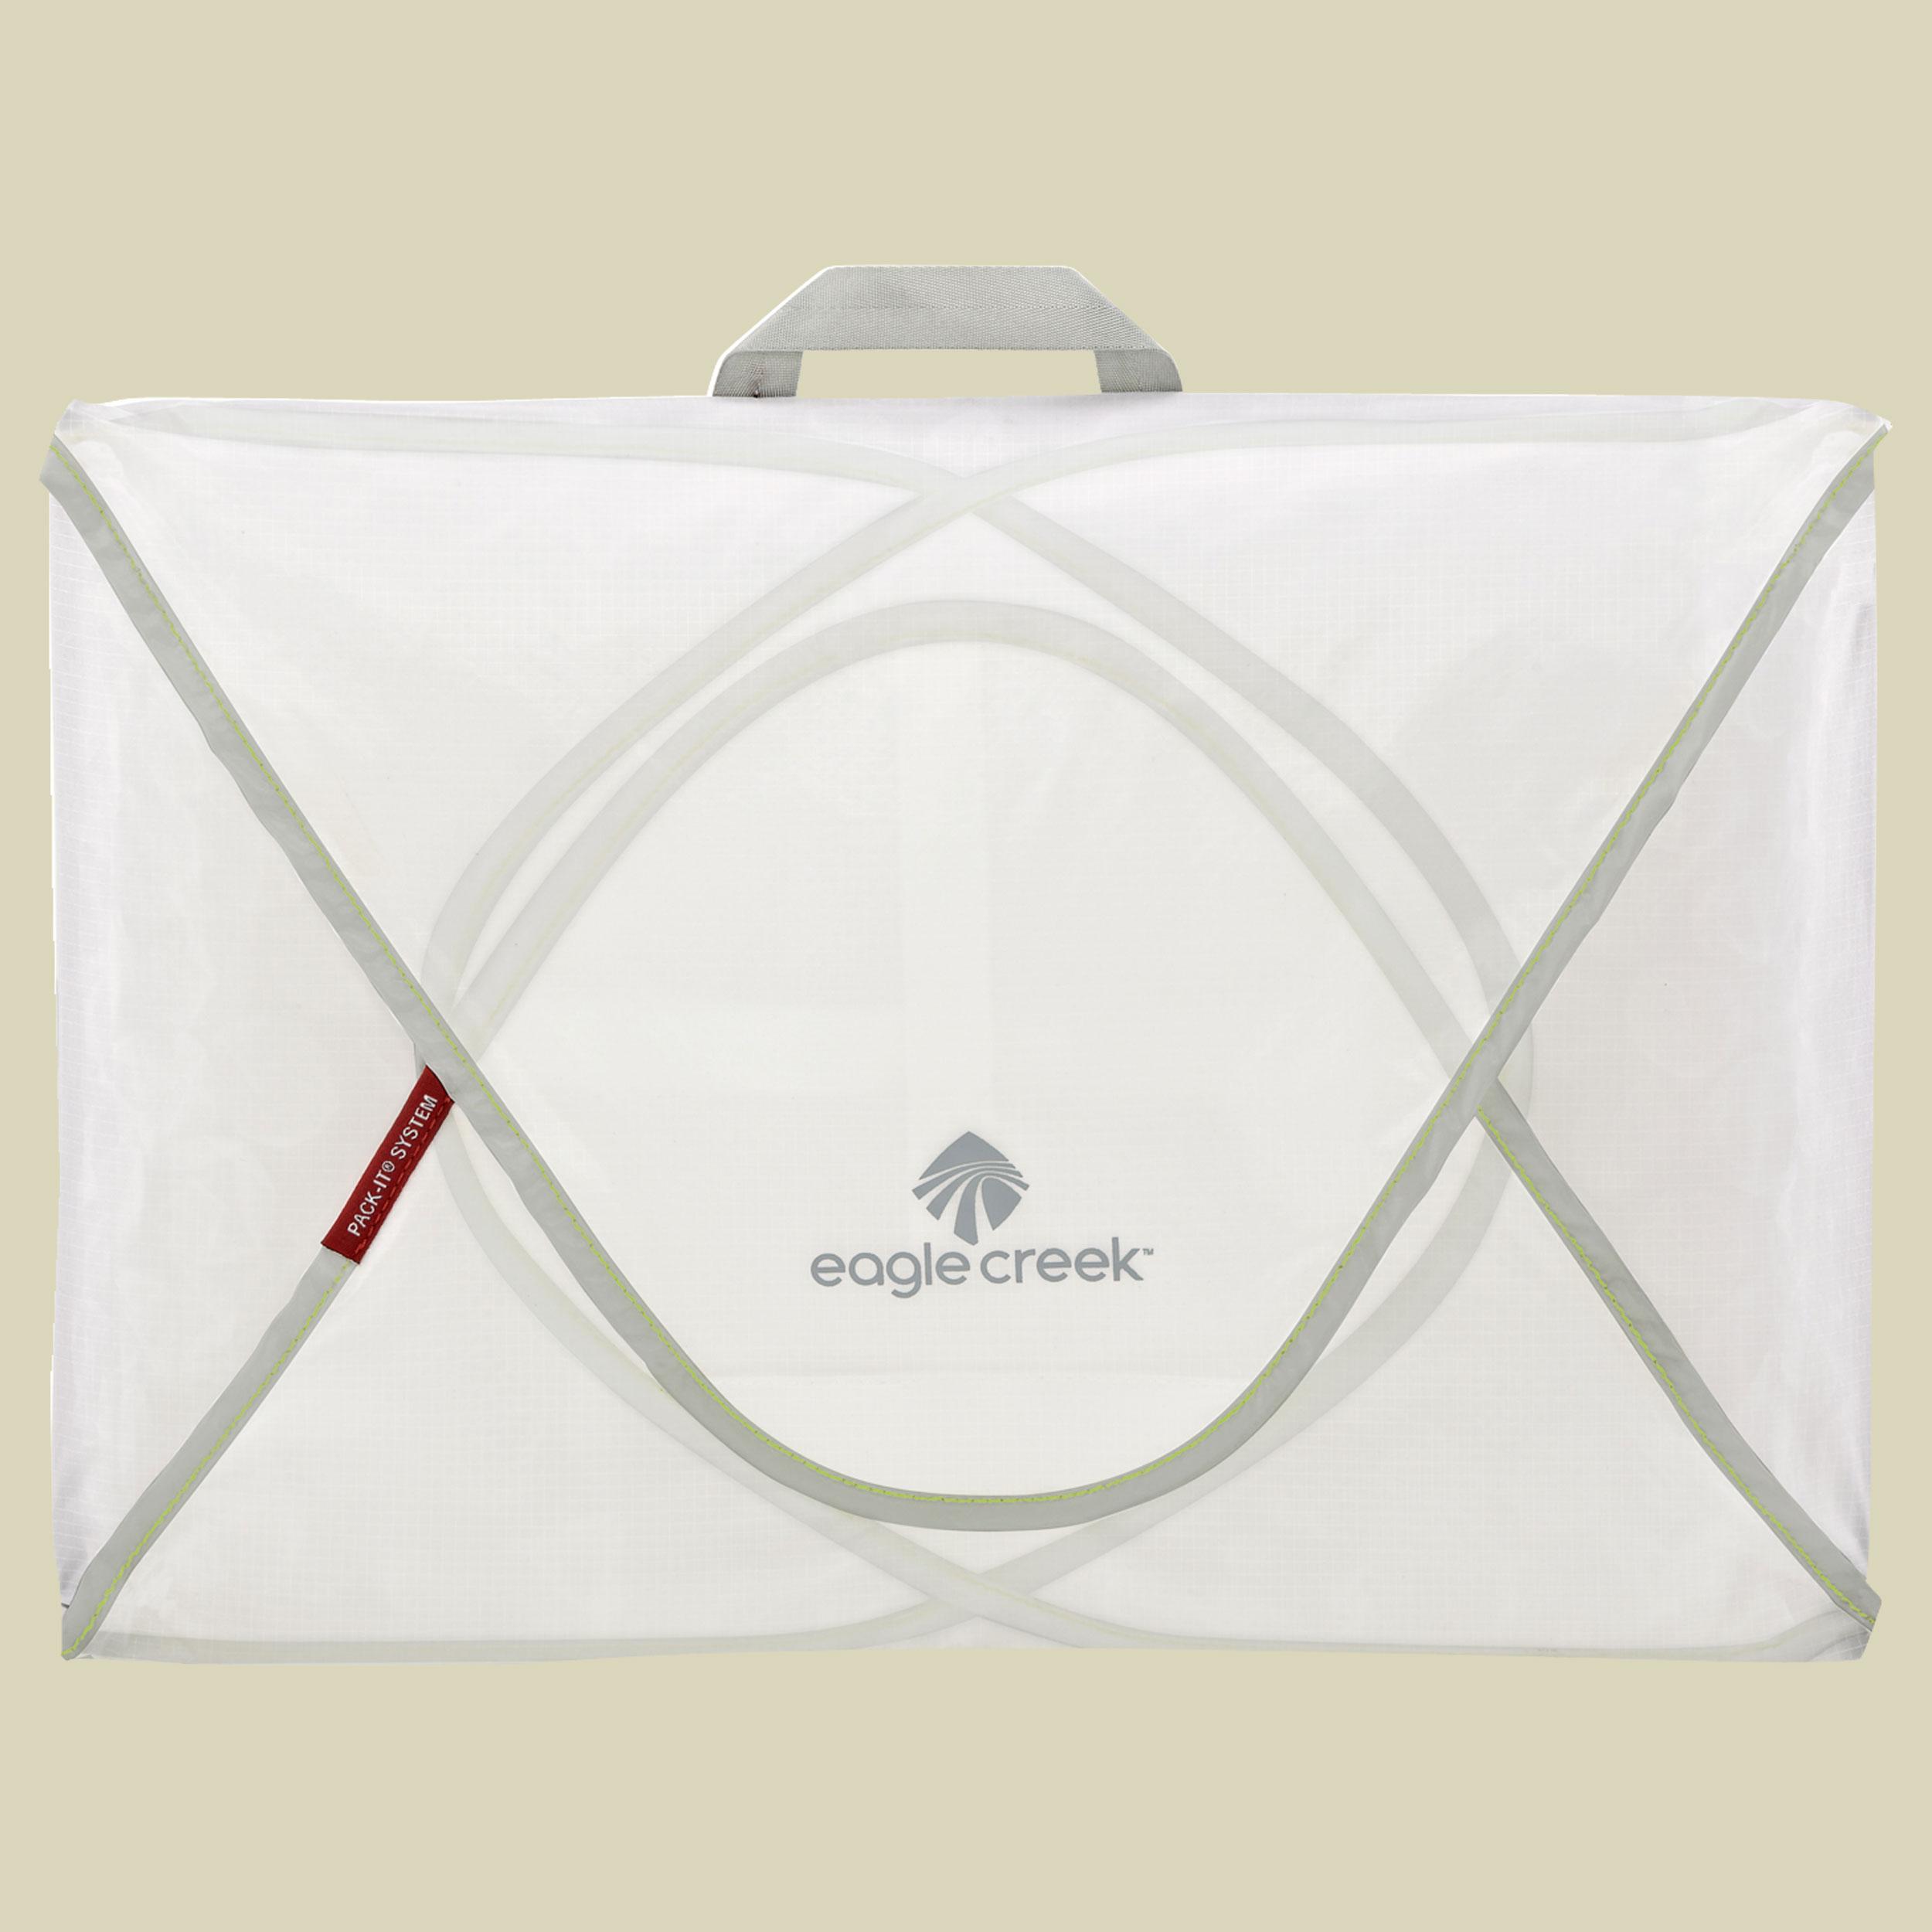 Eagle Creek Pack-It Specter Garment Folder Packsack für Kleidung Größe medium white/strobe